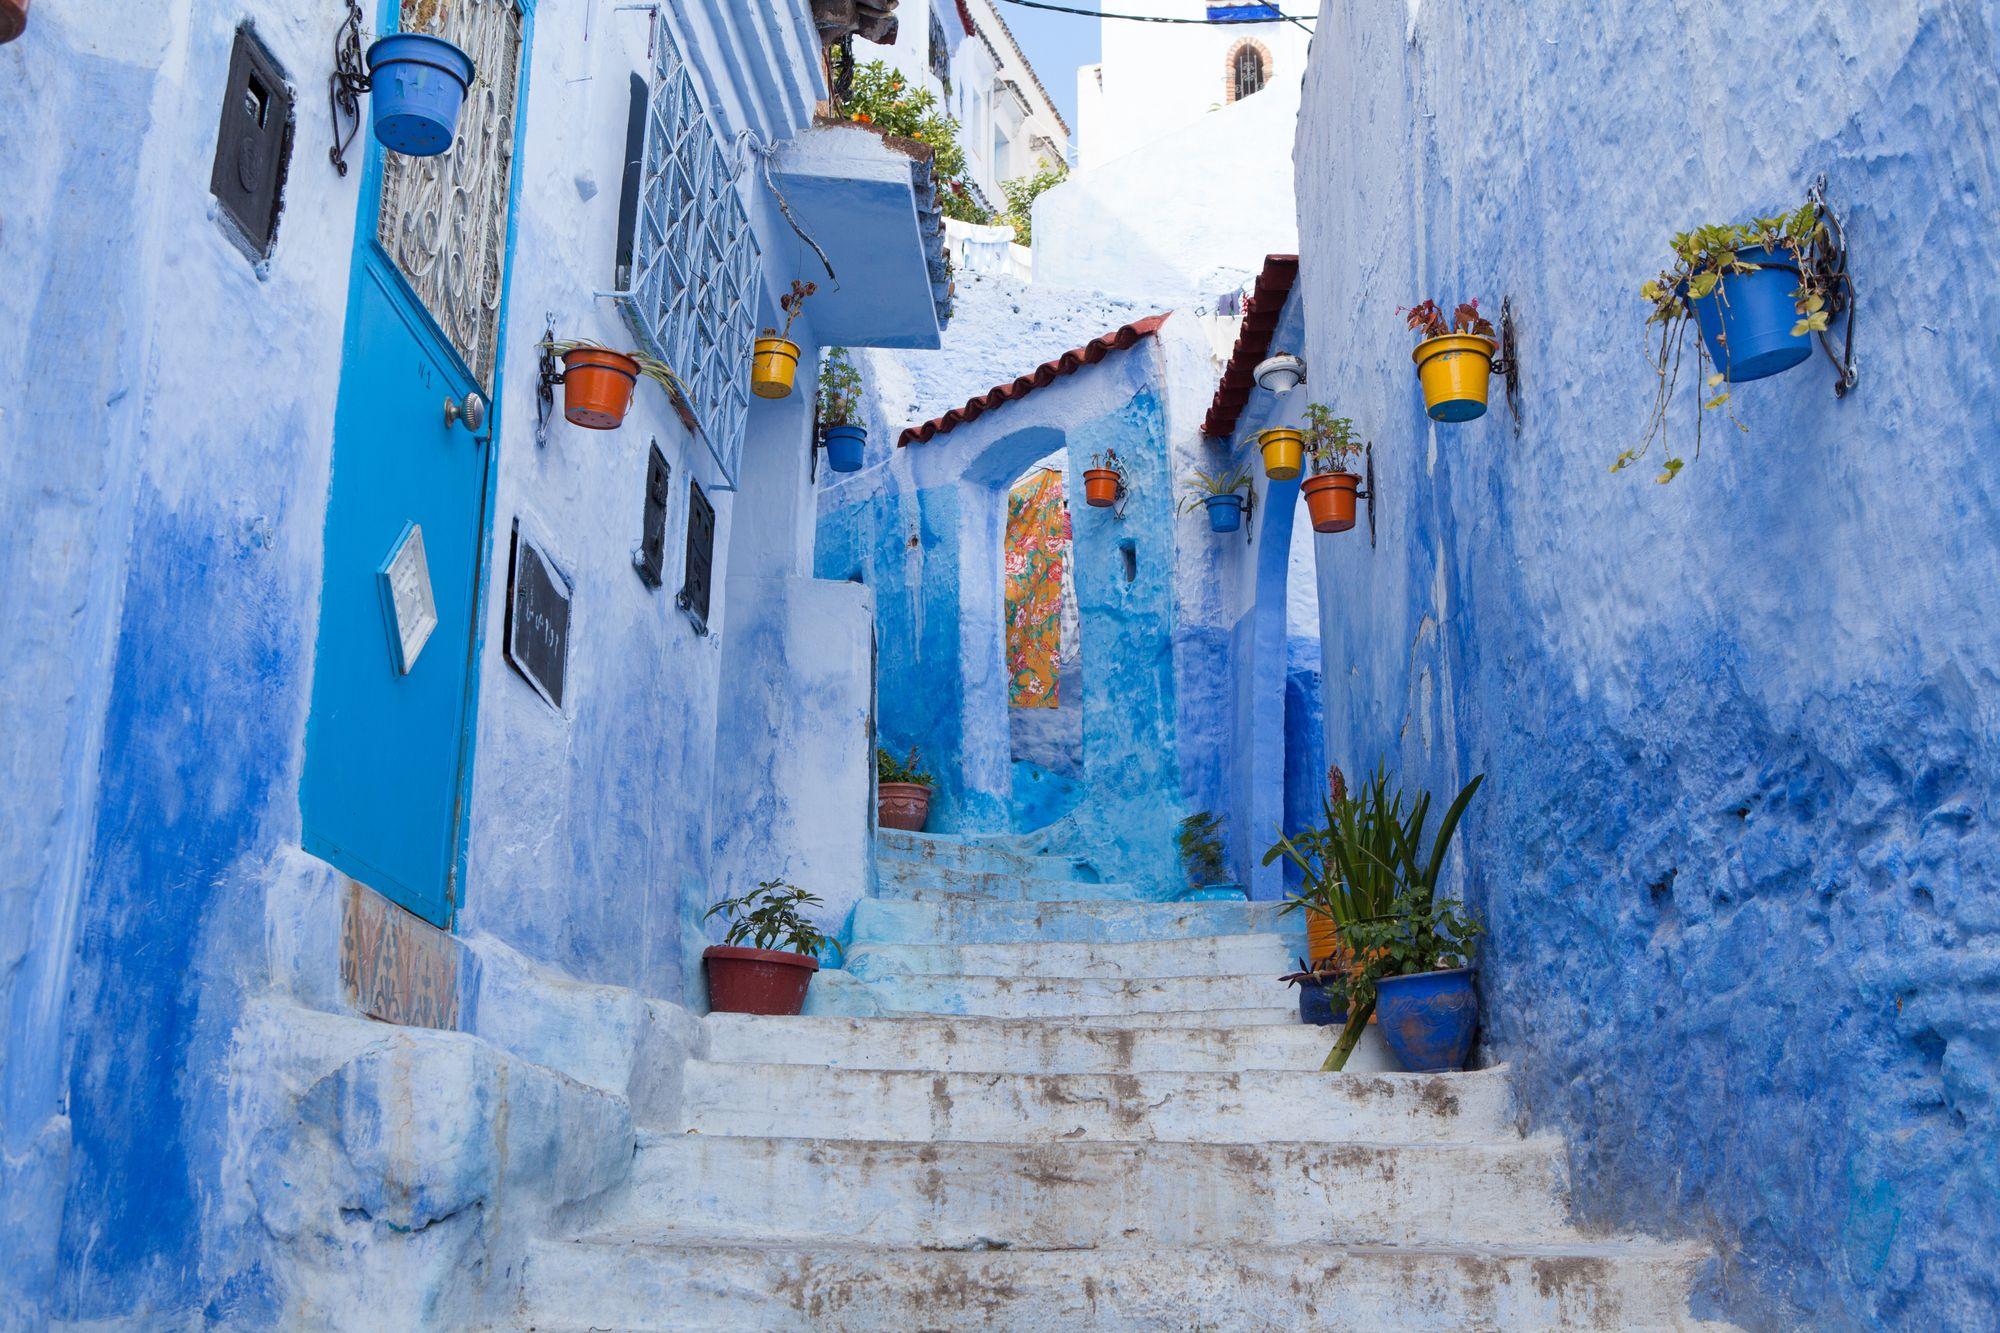 ruelle avec des murs bleus dans le village de Chefchaouen au Maroc